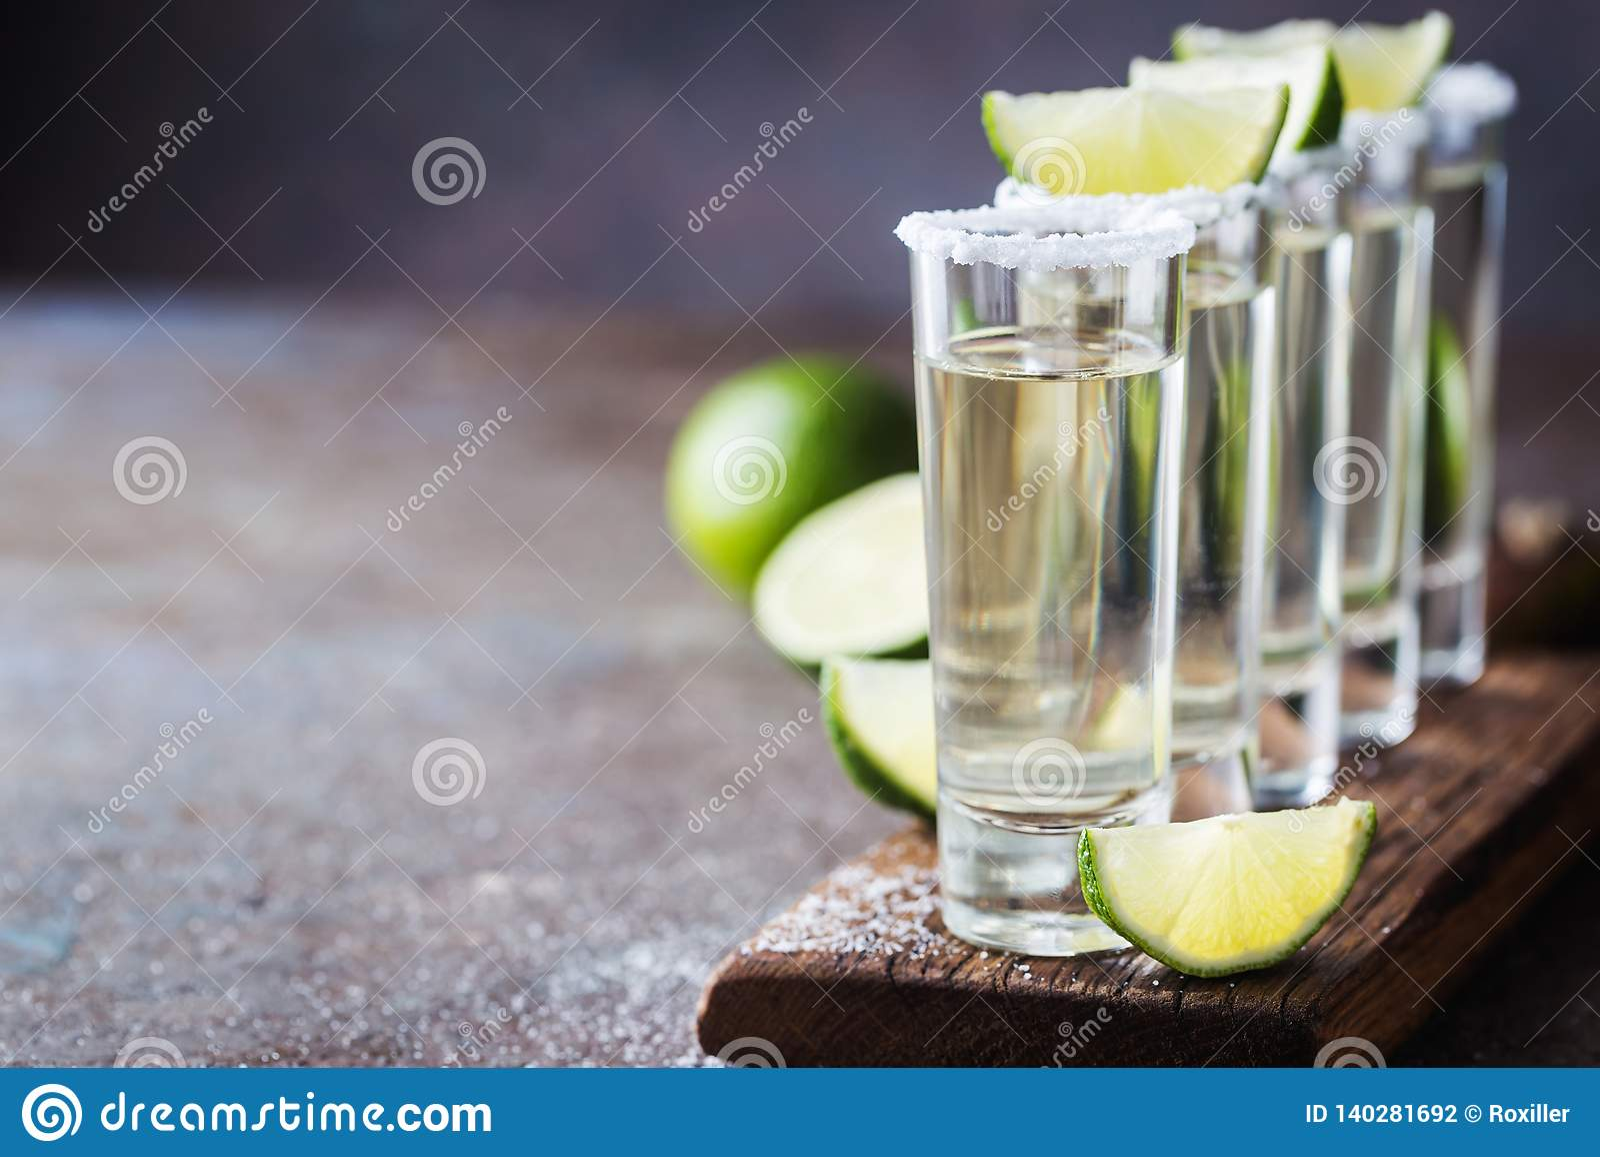 Mexikanischer Goldtequila